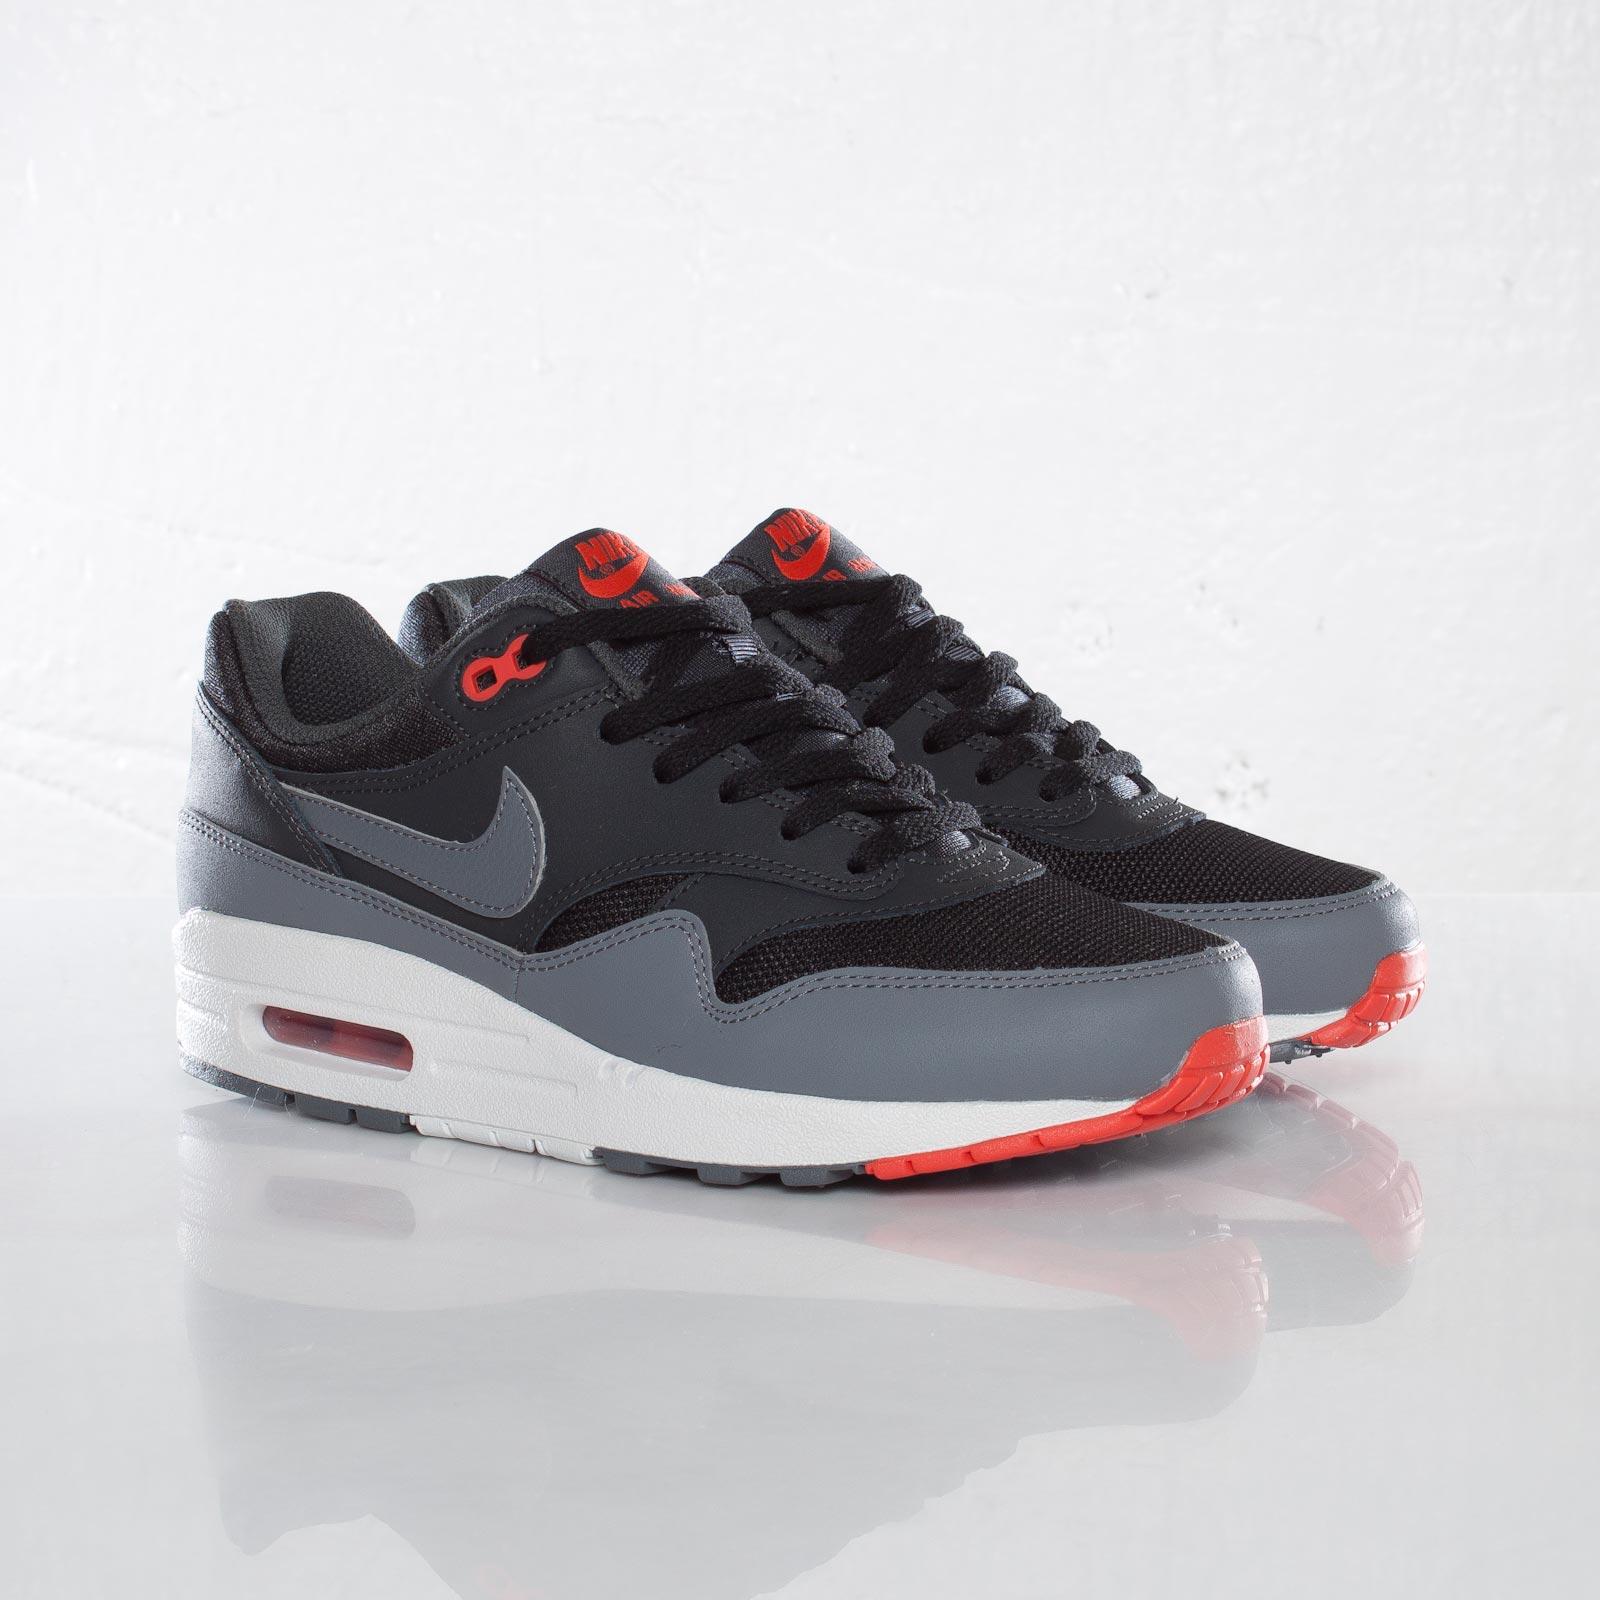 Nike Air Max 1 (GS) - 555766-001 - SNS | sneakers & streetwear ...